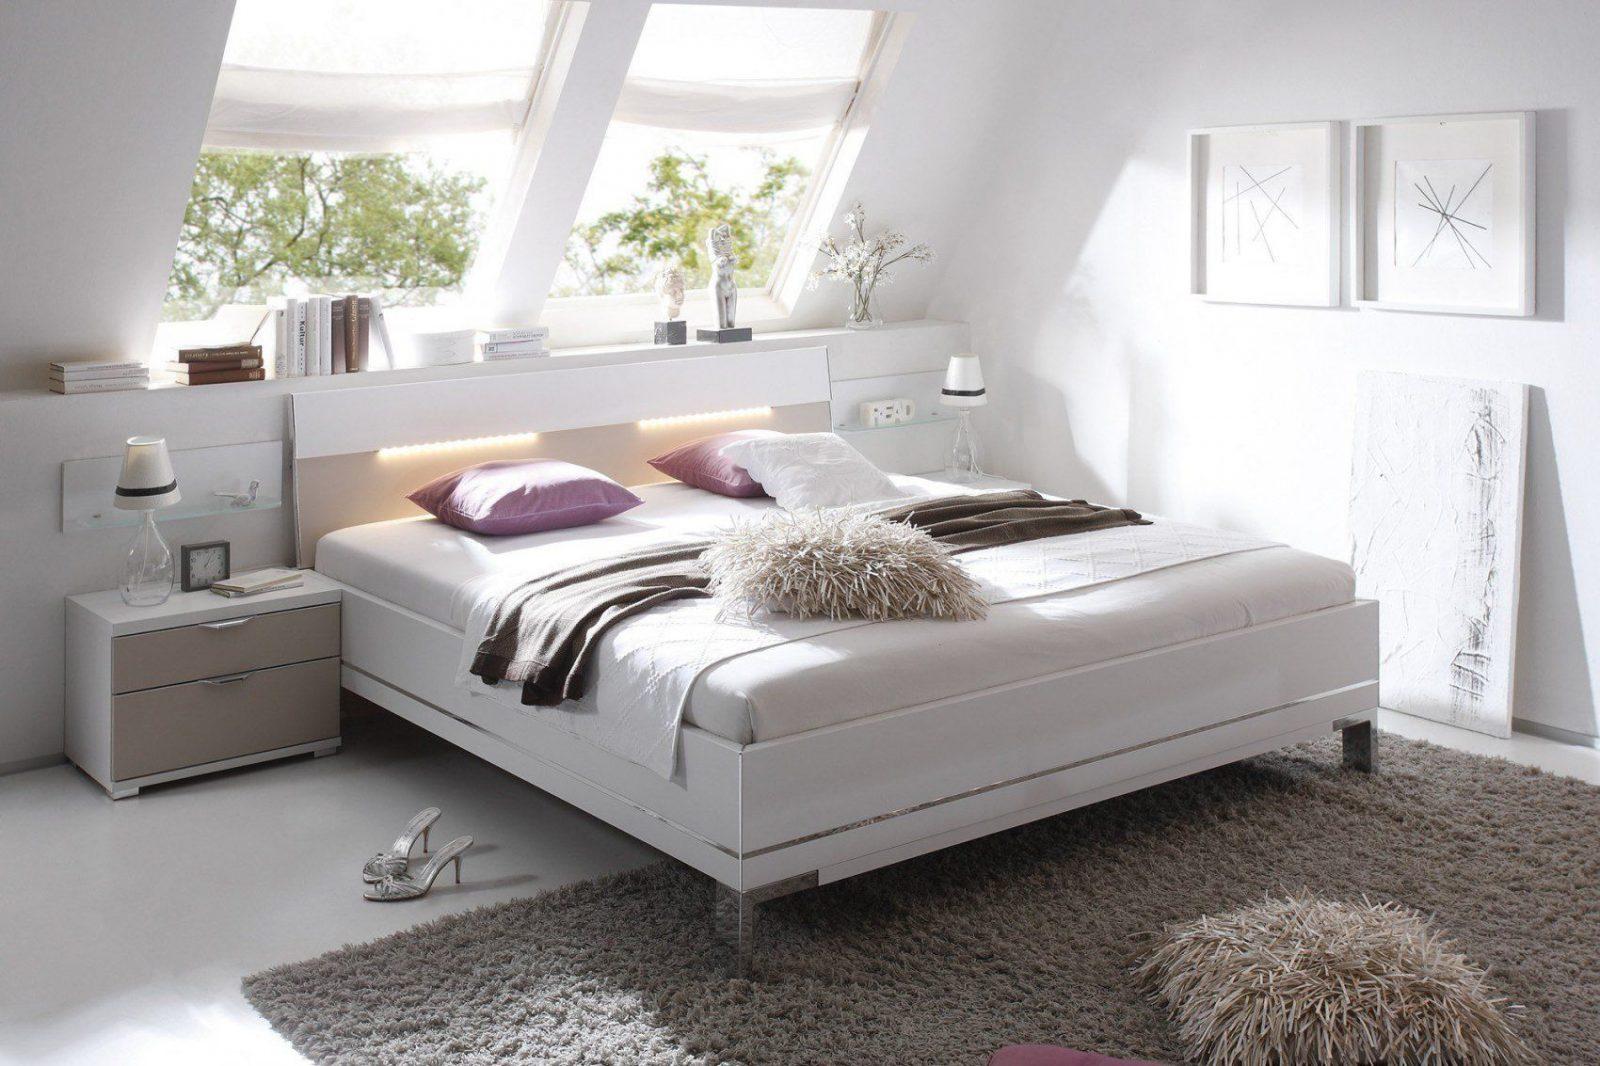 Staud Sinfonie Plus Bett Weiß  Sand  Möbel Letz  Ihr Onlineshop von Staud Sinfonie Plus Bett Bild